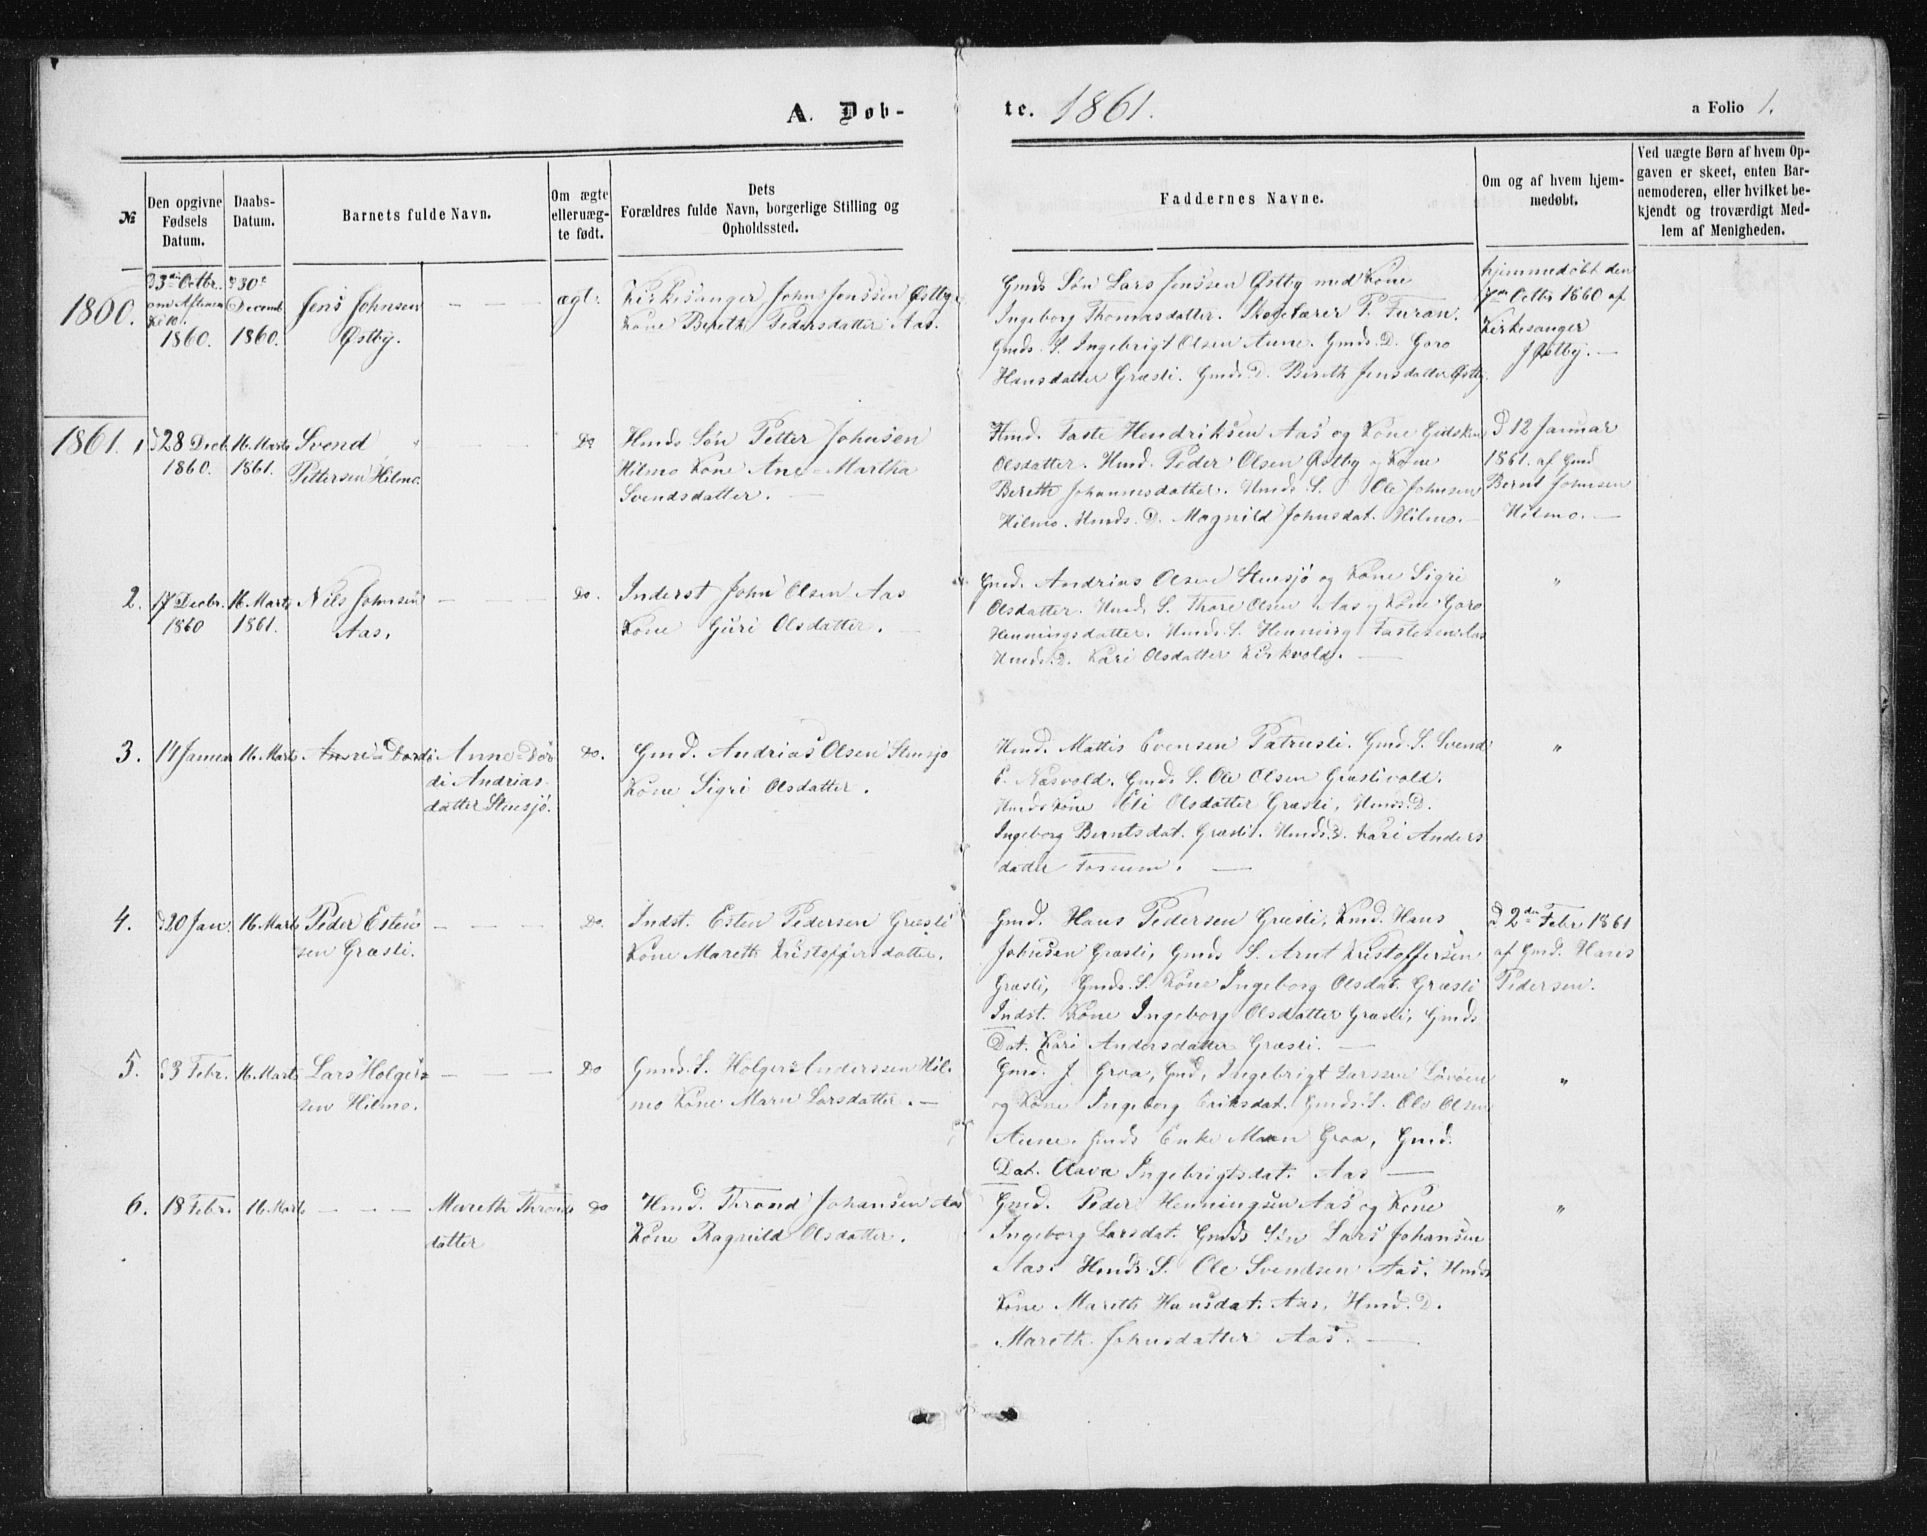 SAT, Ministerialprotokoller, klokkerbøker og fødselsregistre - Sør-Trøndelag, 698/L1166: Klokkerbok nr. 698C03, 1861-1887, s. 1